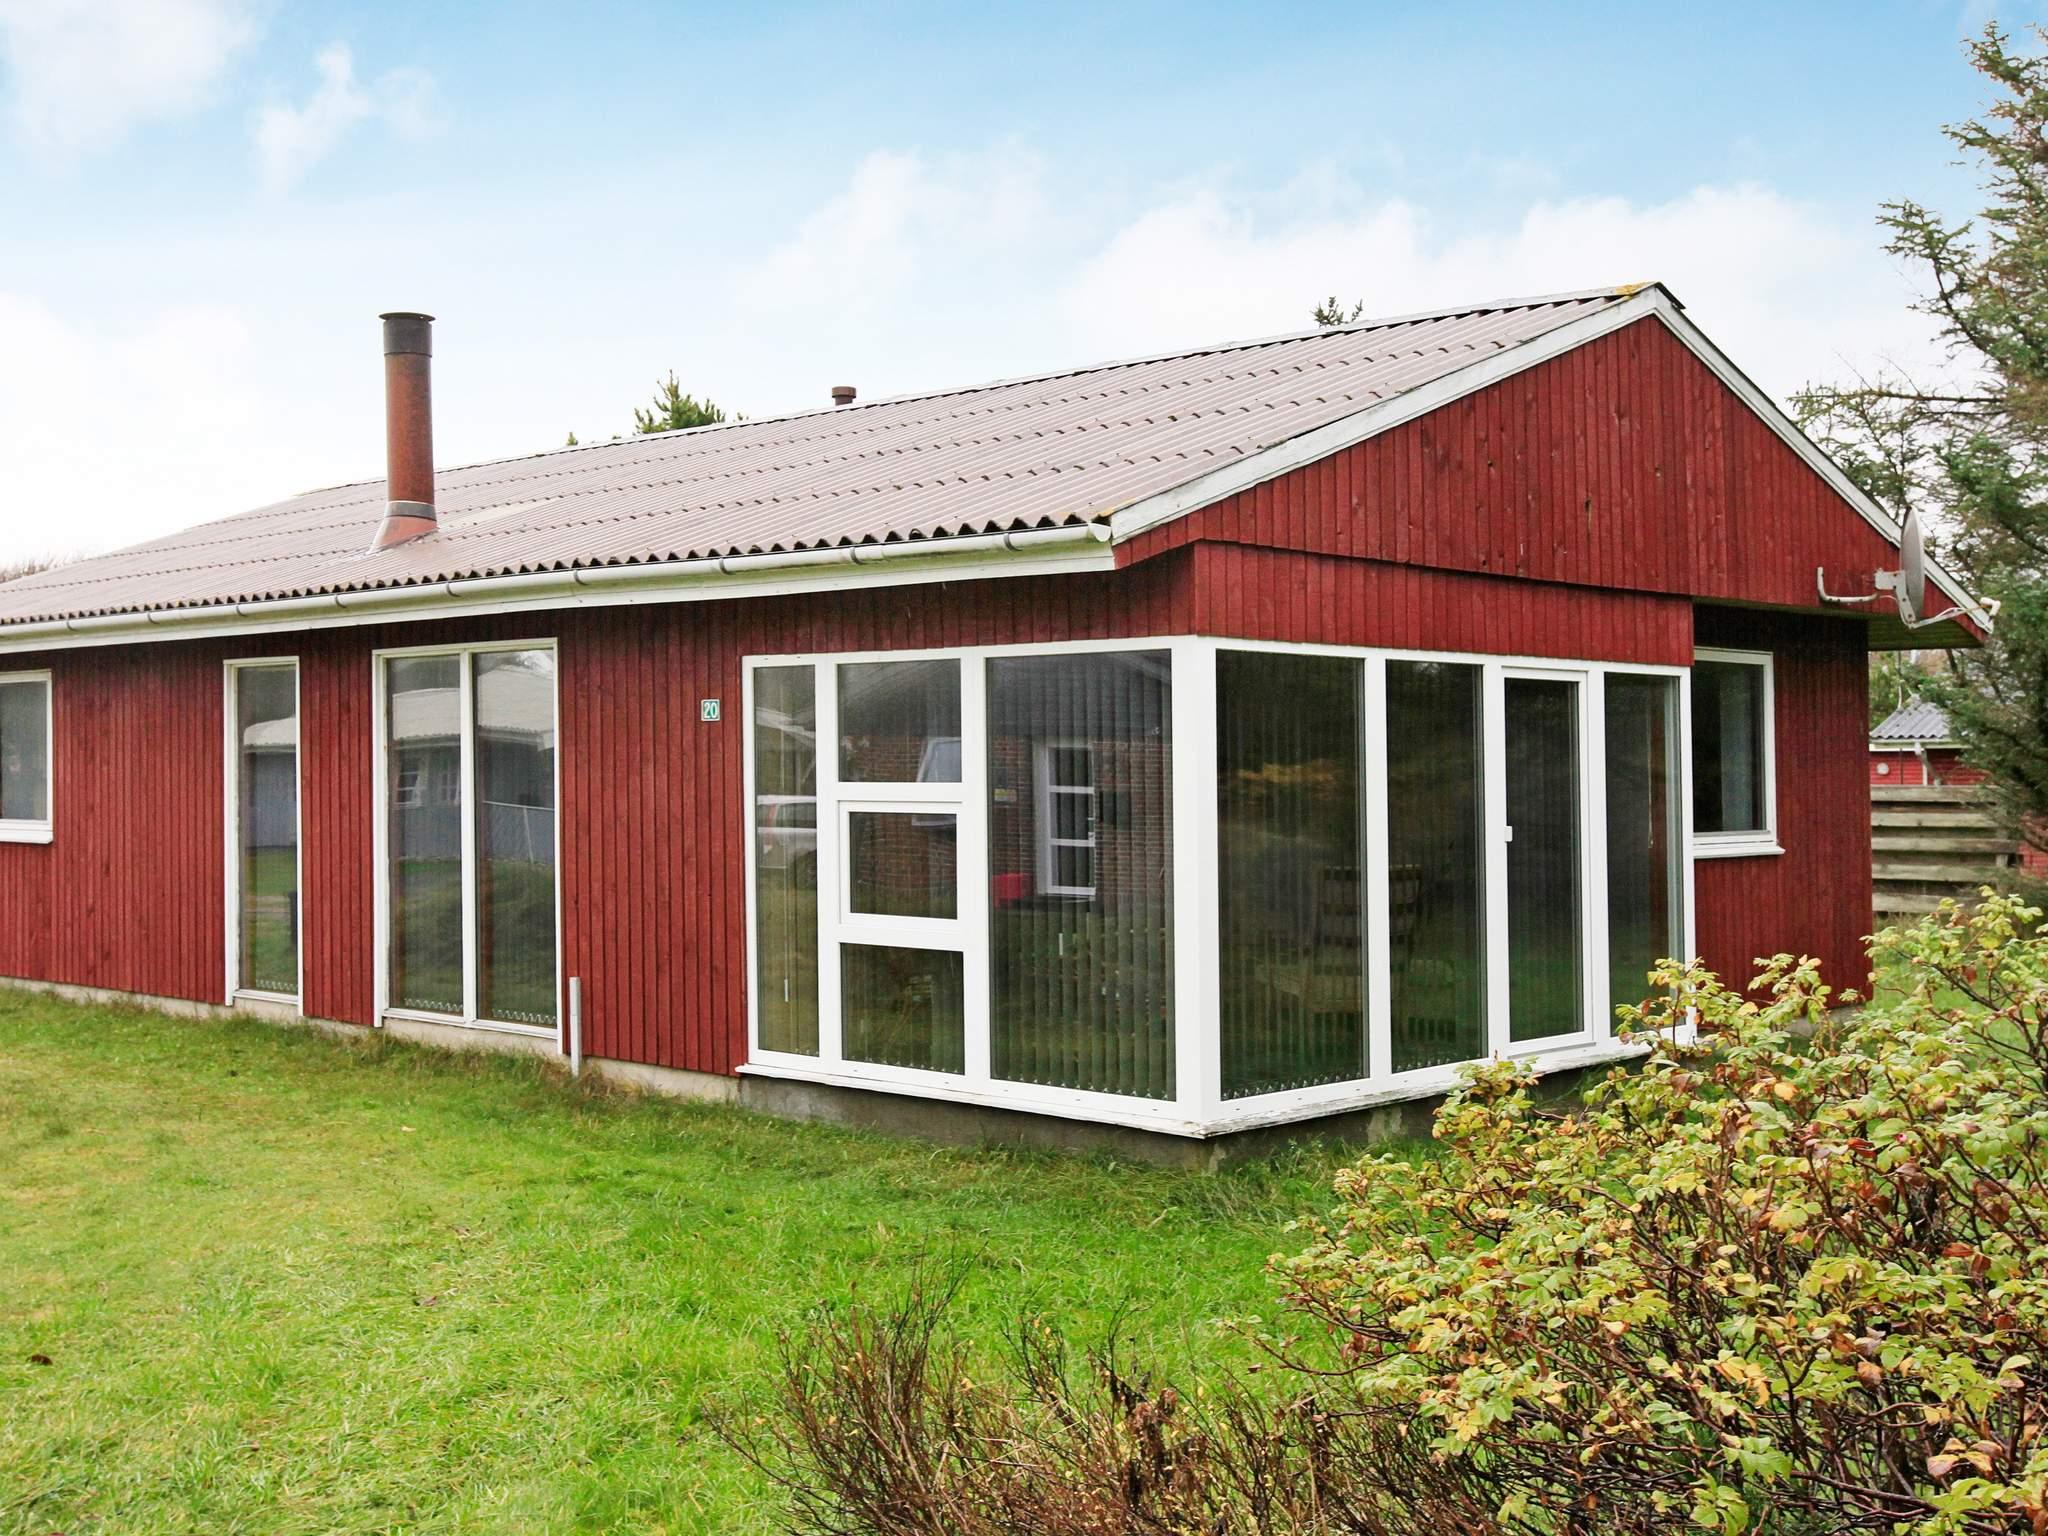 Ferienhaus Grærup (1090324), Grærup, , Westjütland, Dänemark, Bild 1